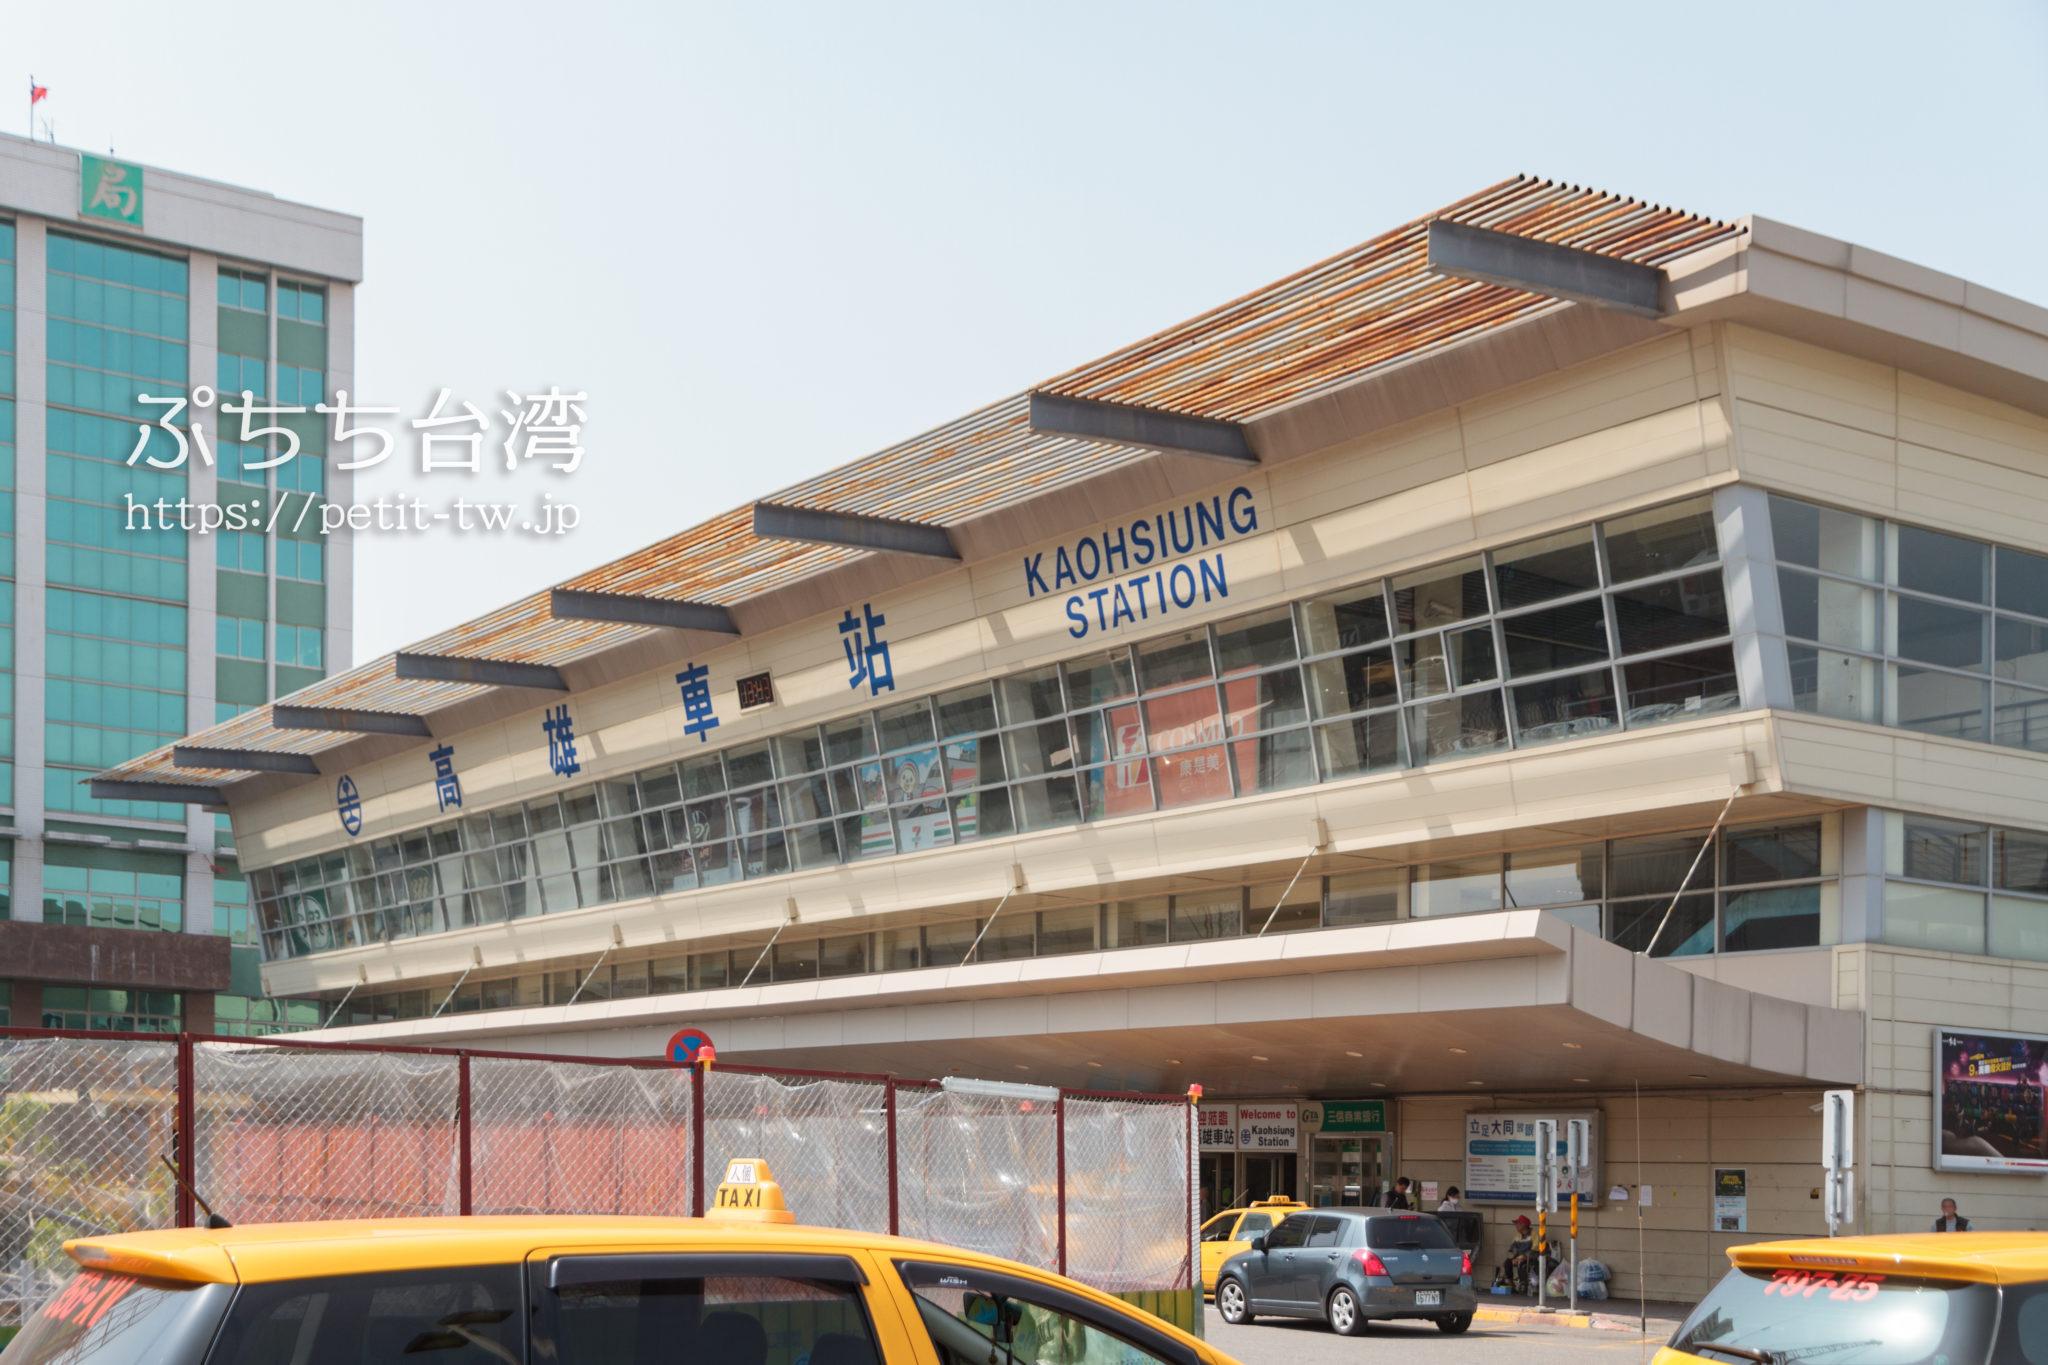 台湾鉄道の高雄車站